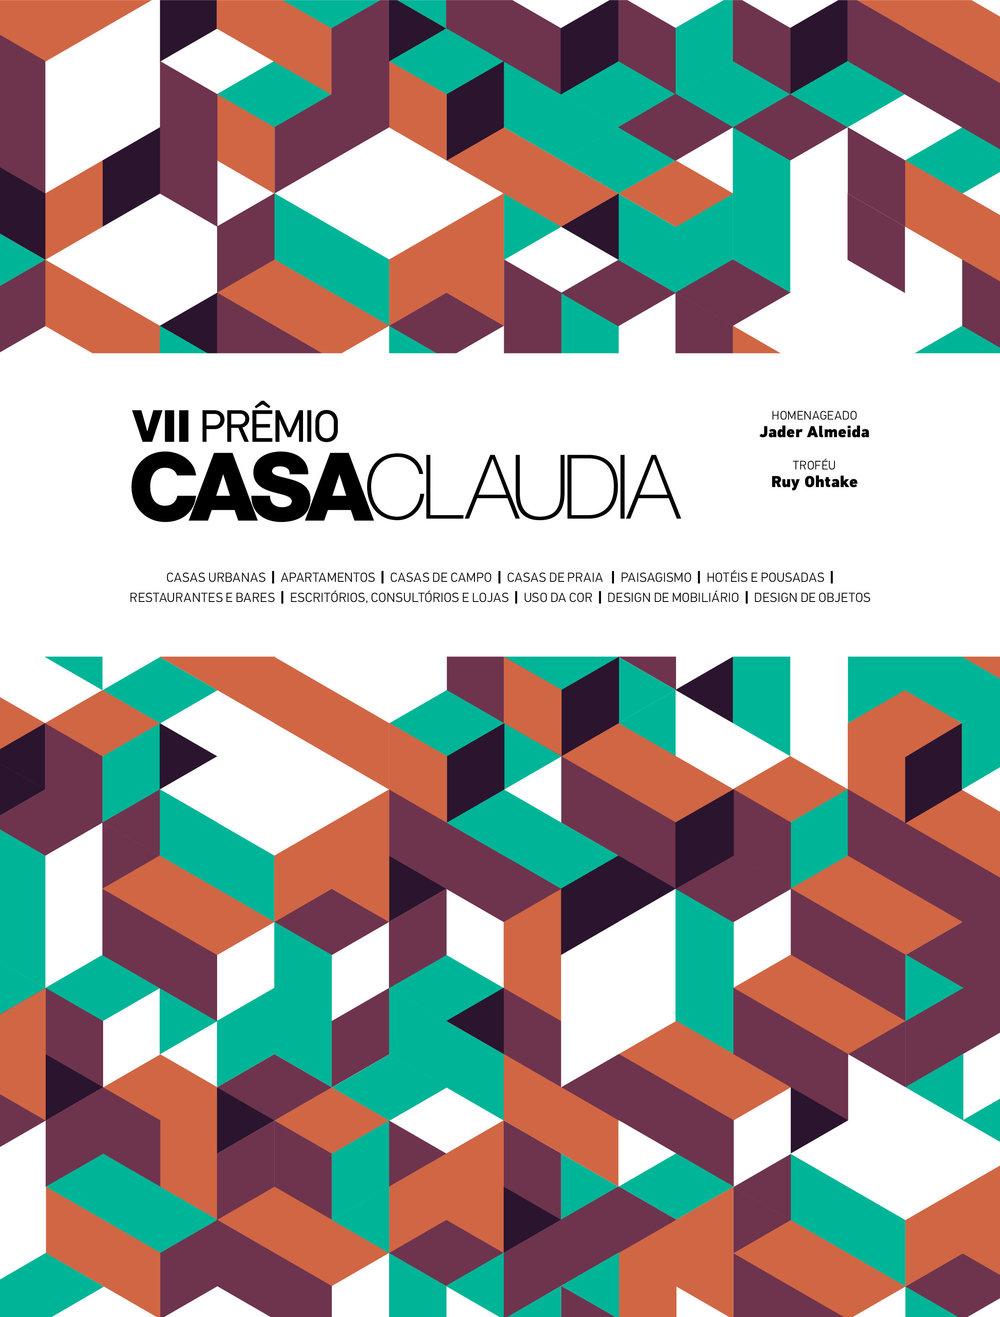 Capa Catálogo Vll Prêmeo Casa Cláudia - Categoria Casa de Campo.jpg